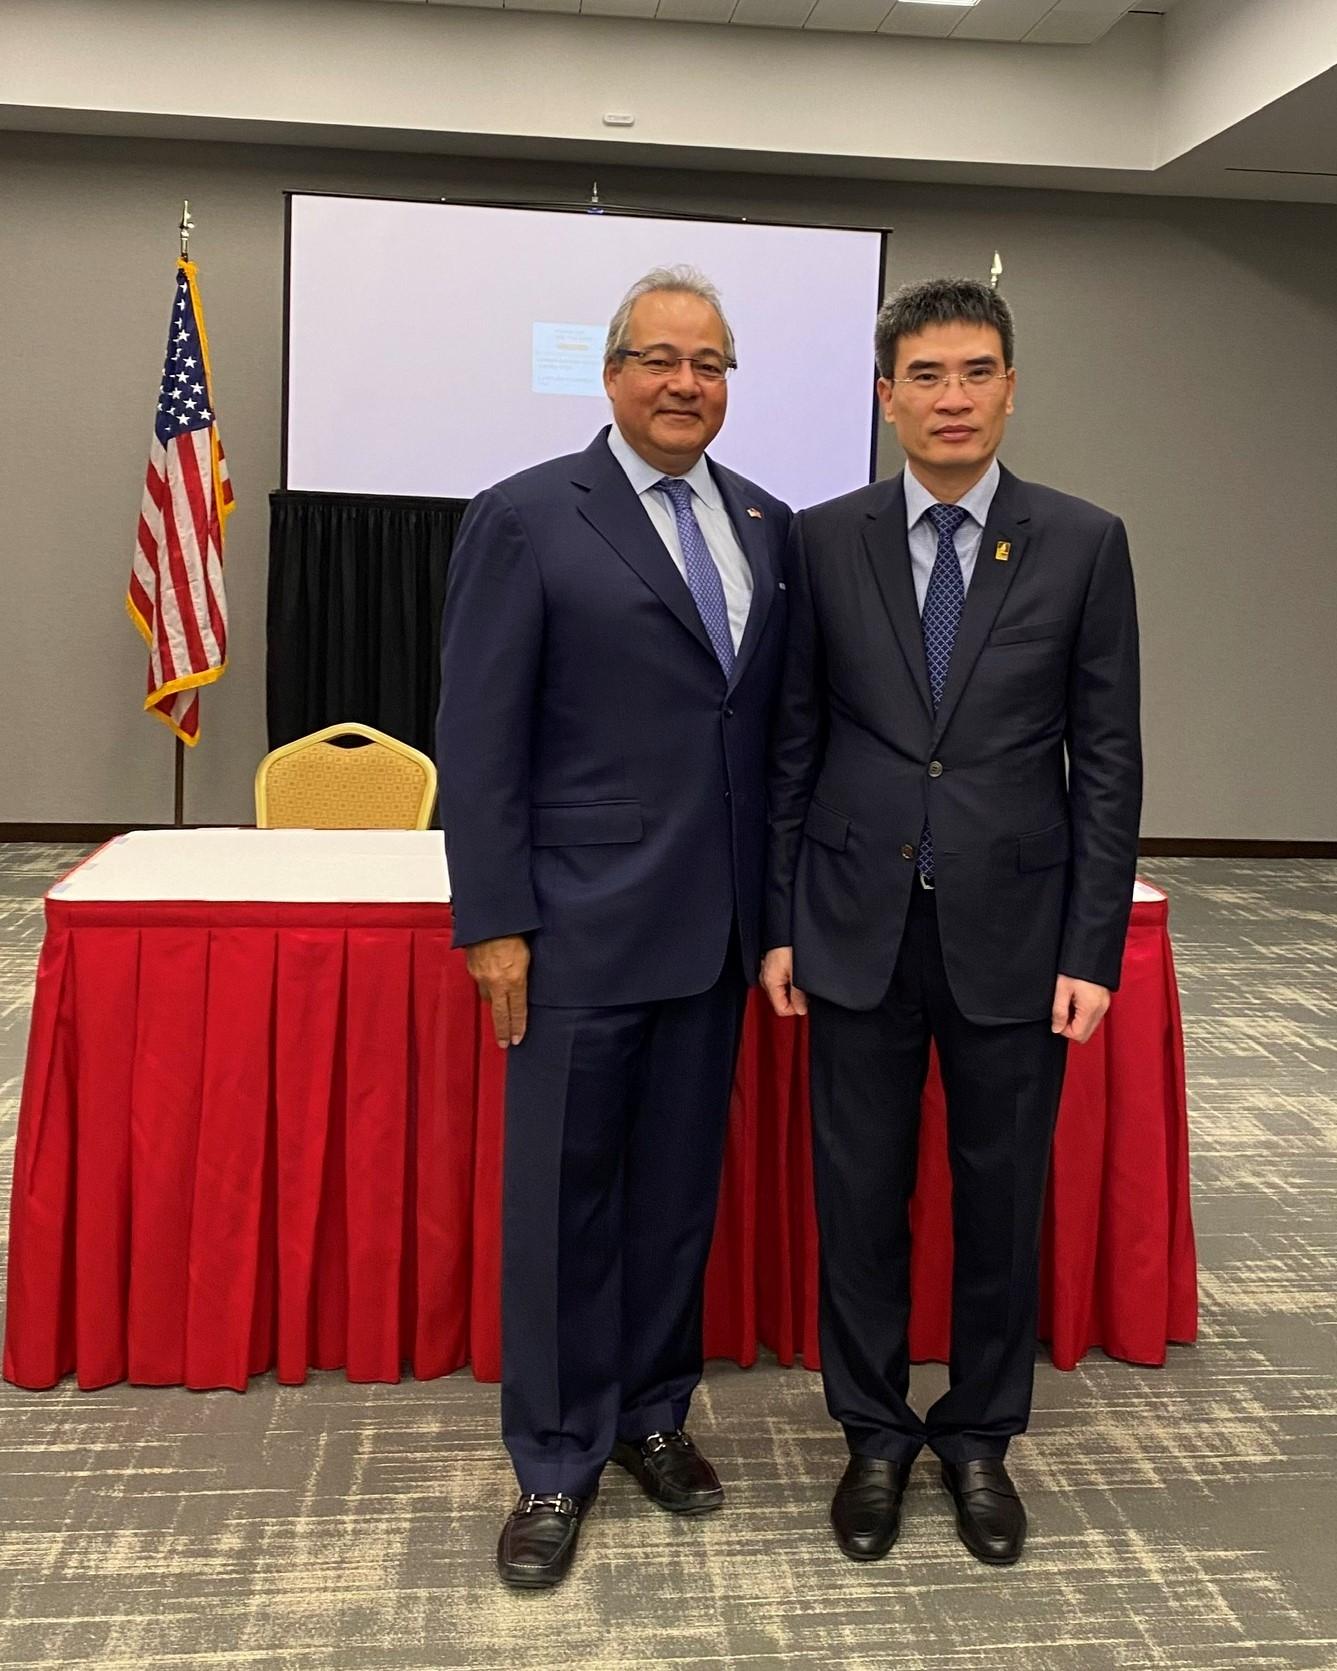 Ông Dương Mạnh Sơn – Phụ trách Hội đồng Quản trị, Tổng Giám đốc PV GAS và Ông Bernerd Da Santos - Phó Chủ tịch Thường trực kiêm Giám đốc điều hành AES khẳng định quyết tâm hợp tác song phương cùng phát triển.